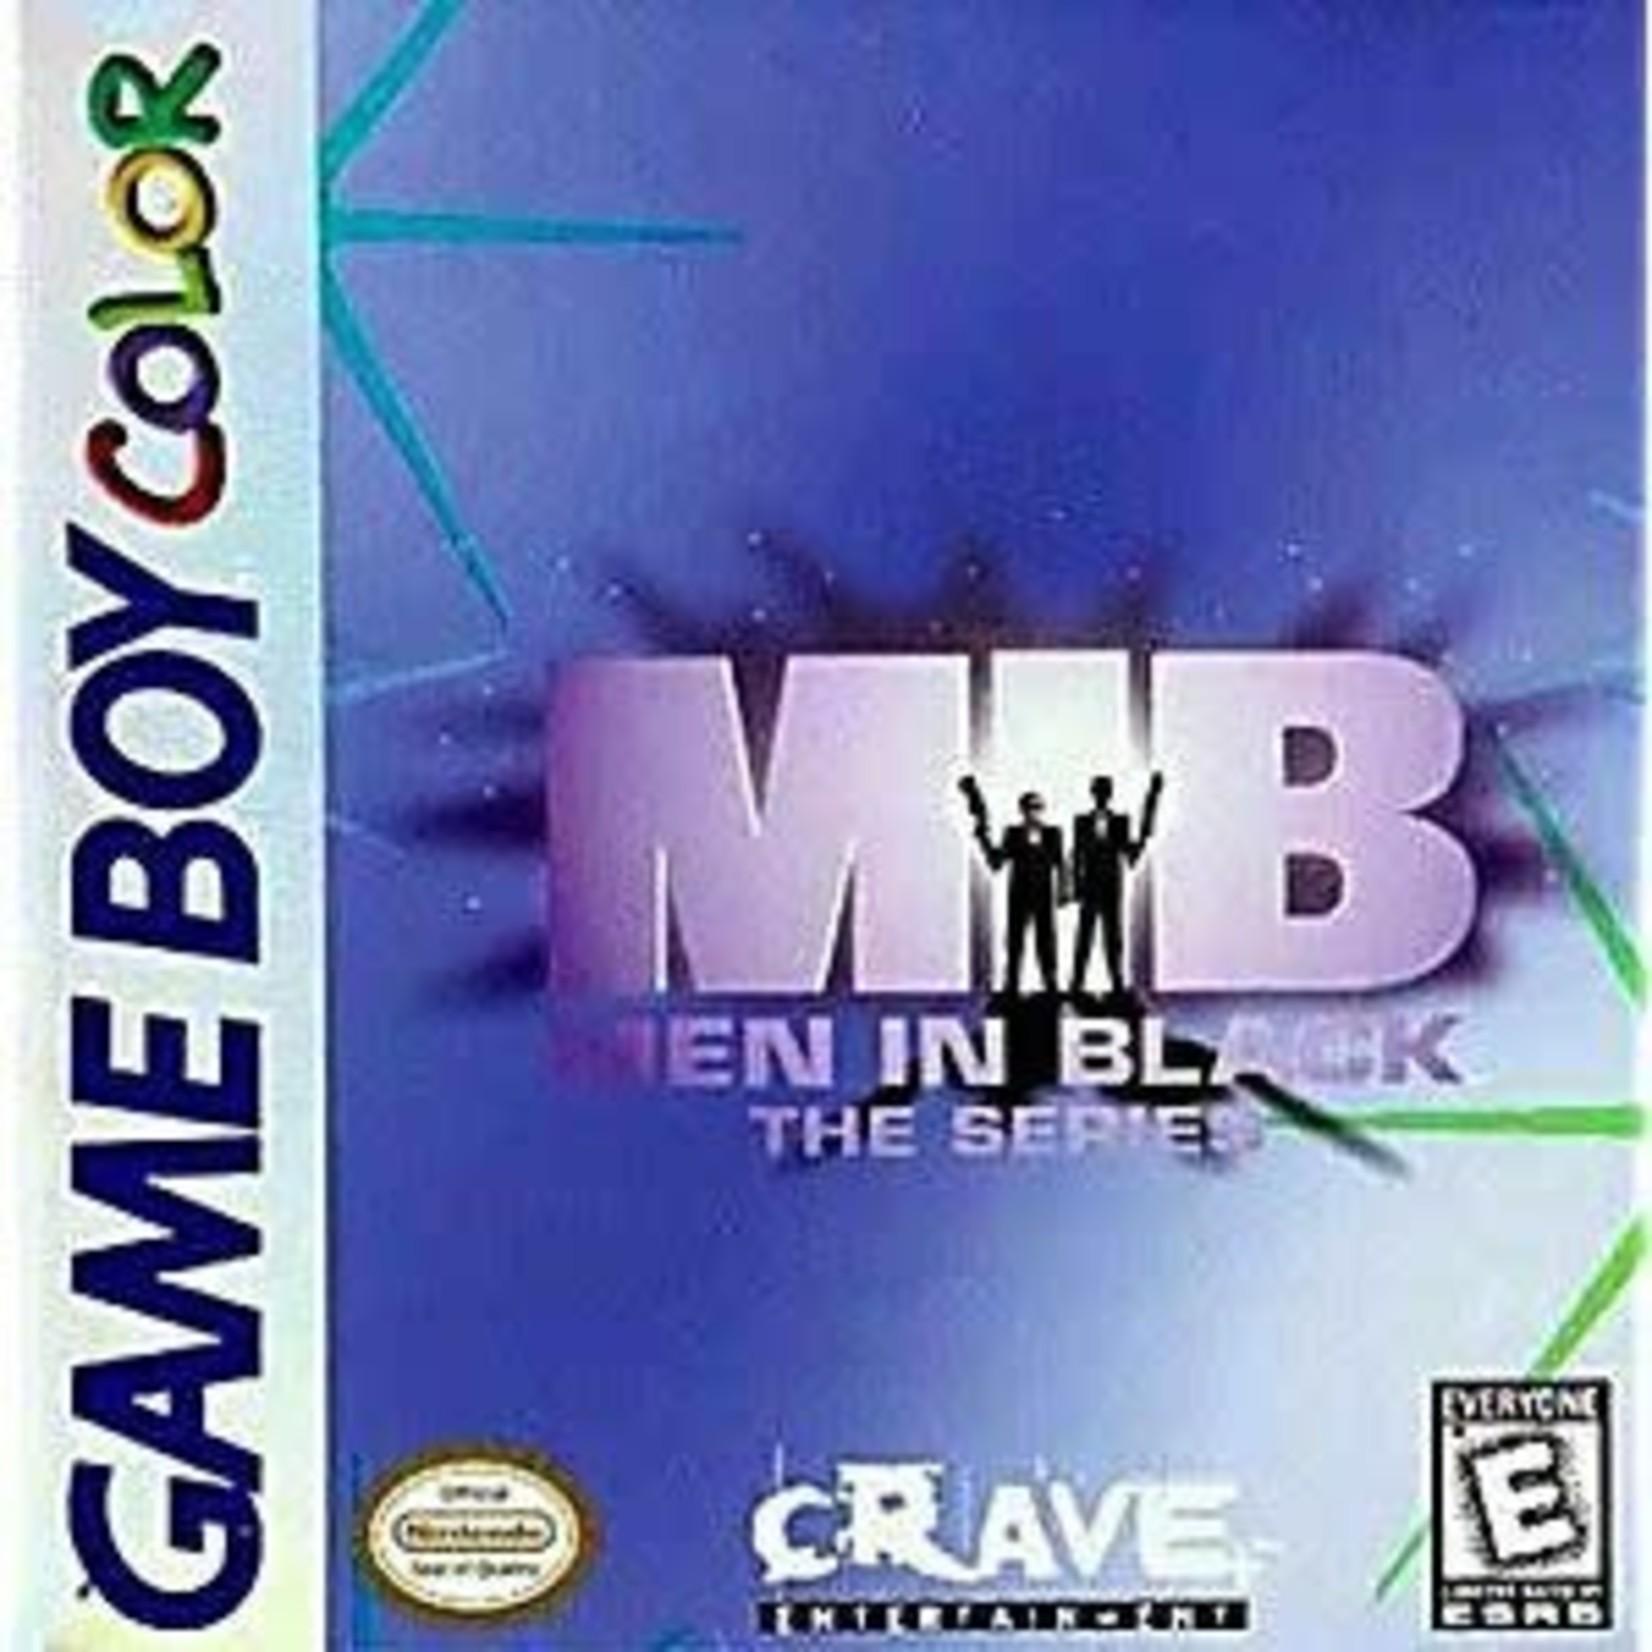 GBCU-Men in Black the Series (cartridge)